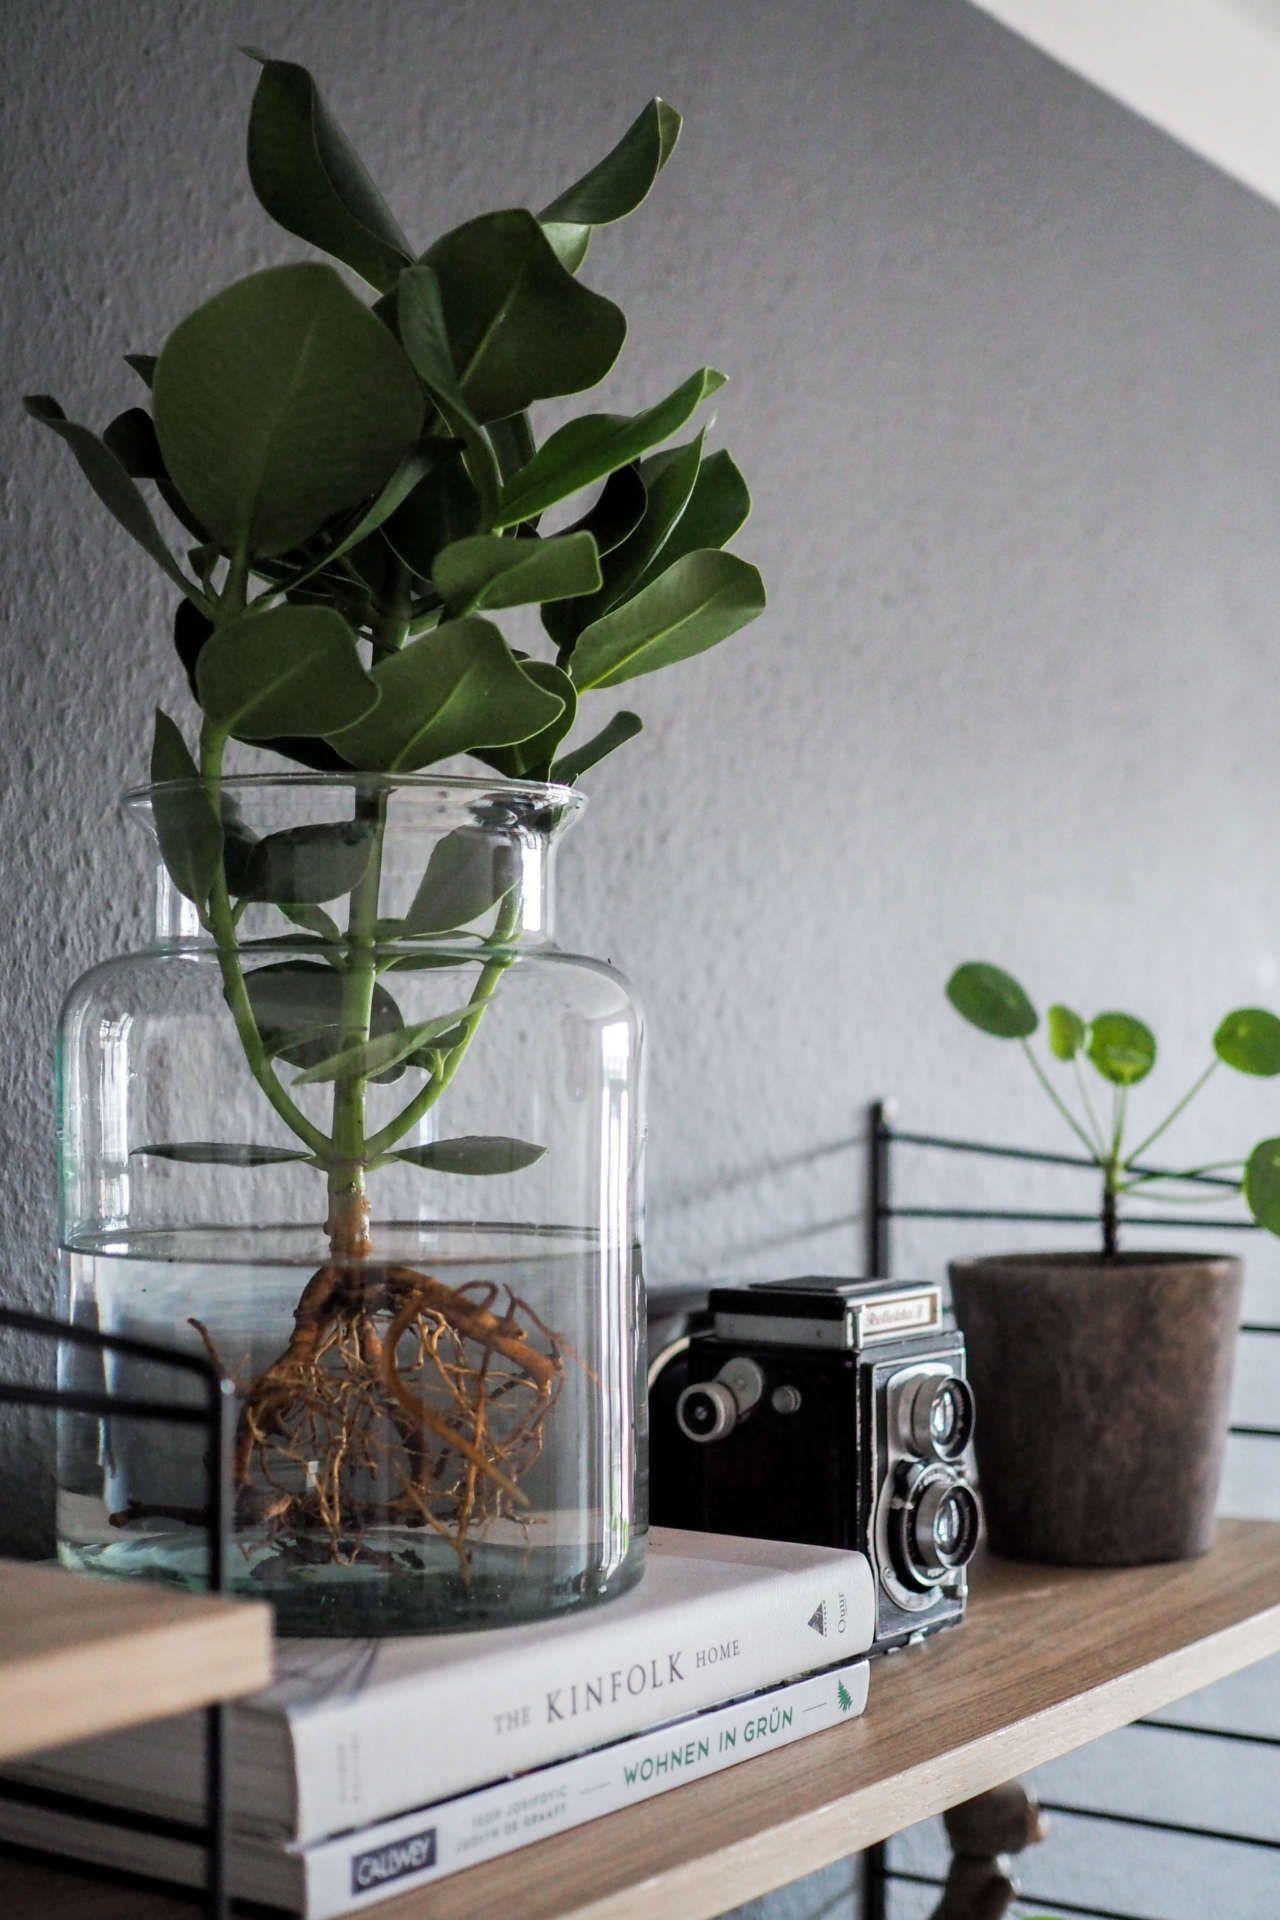 Water Plants Pflegeleichte Zimmerpflanze Alles über Den Neuen Trend Wie Du Eine